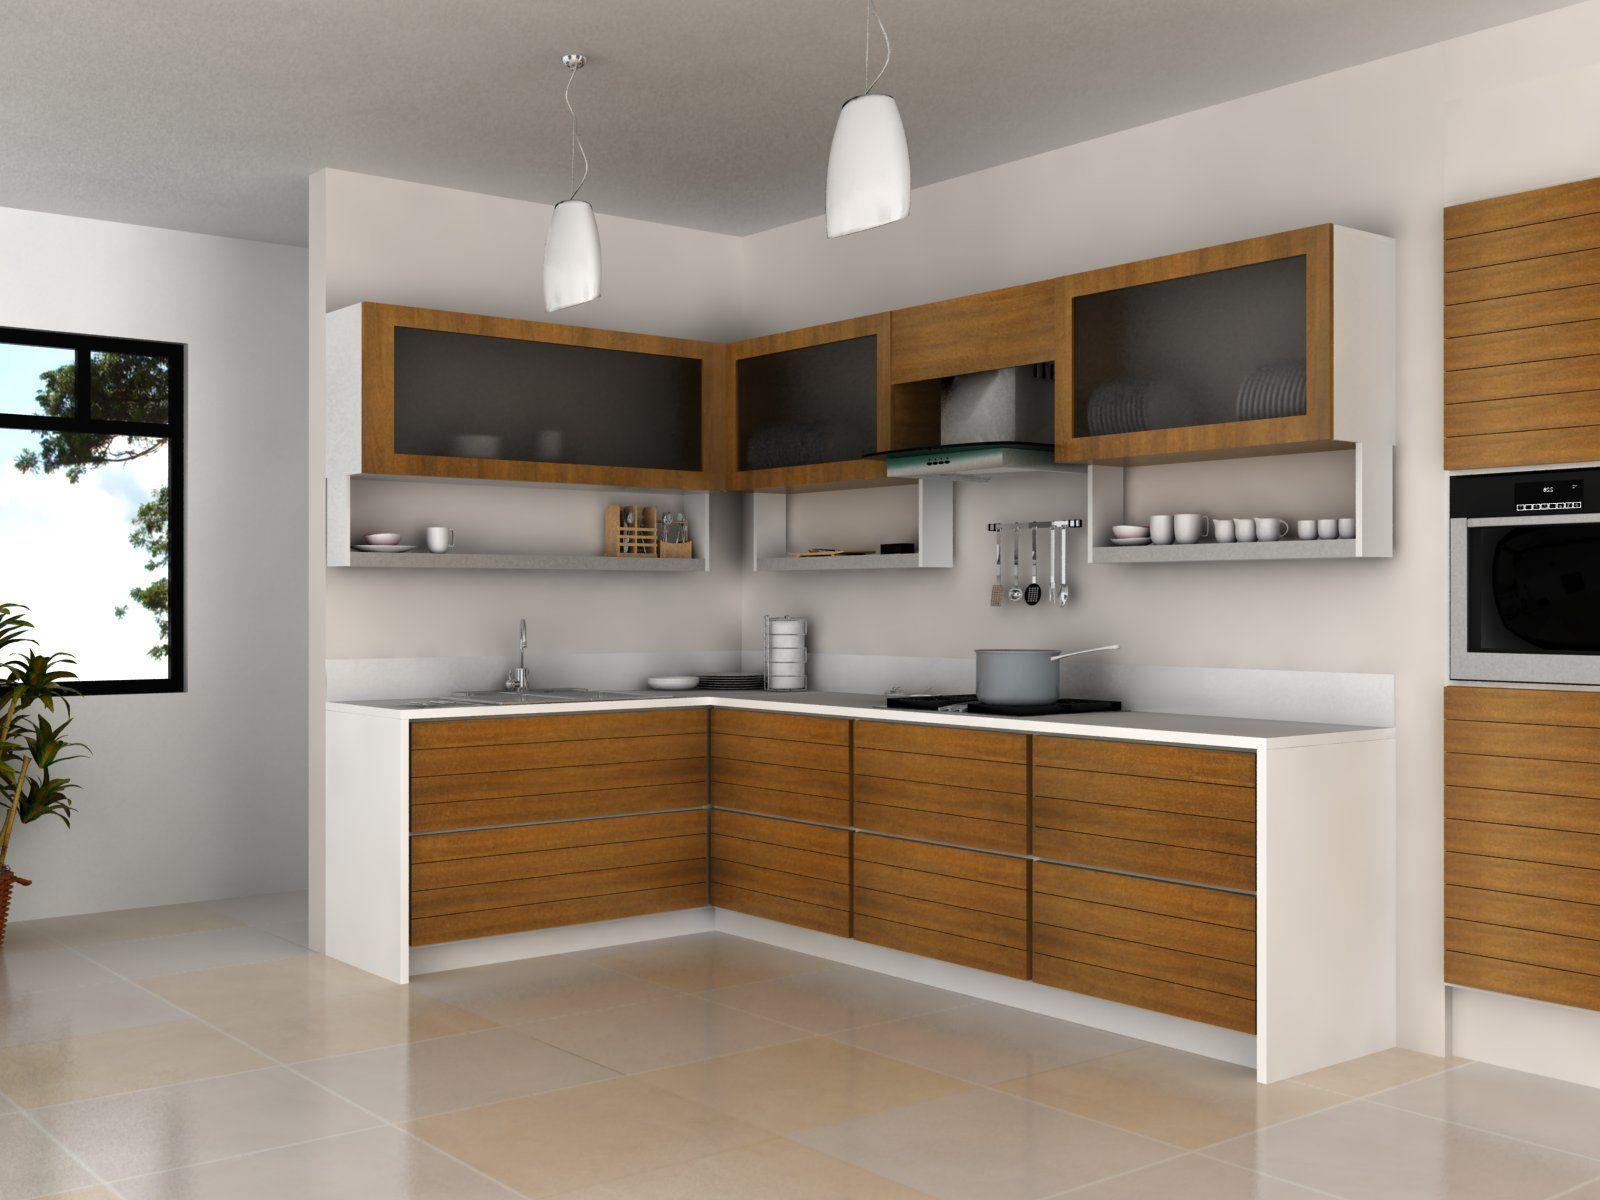 cocinas integrales | Estantería | Pinterest | Cocinas integrales ...